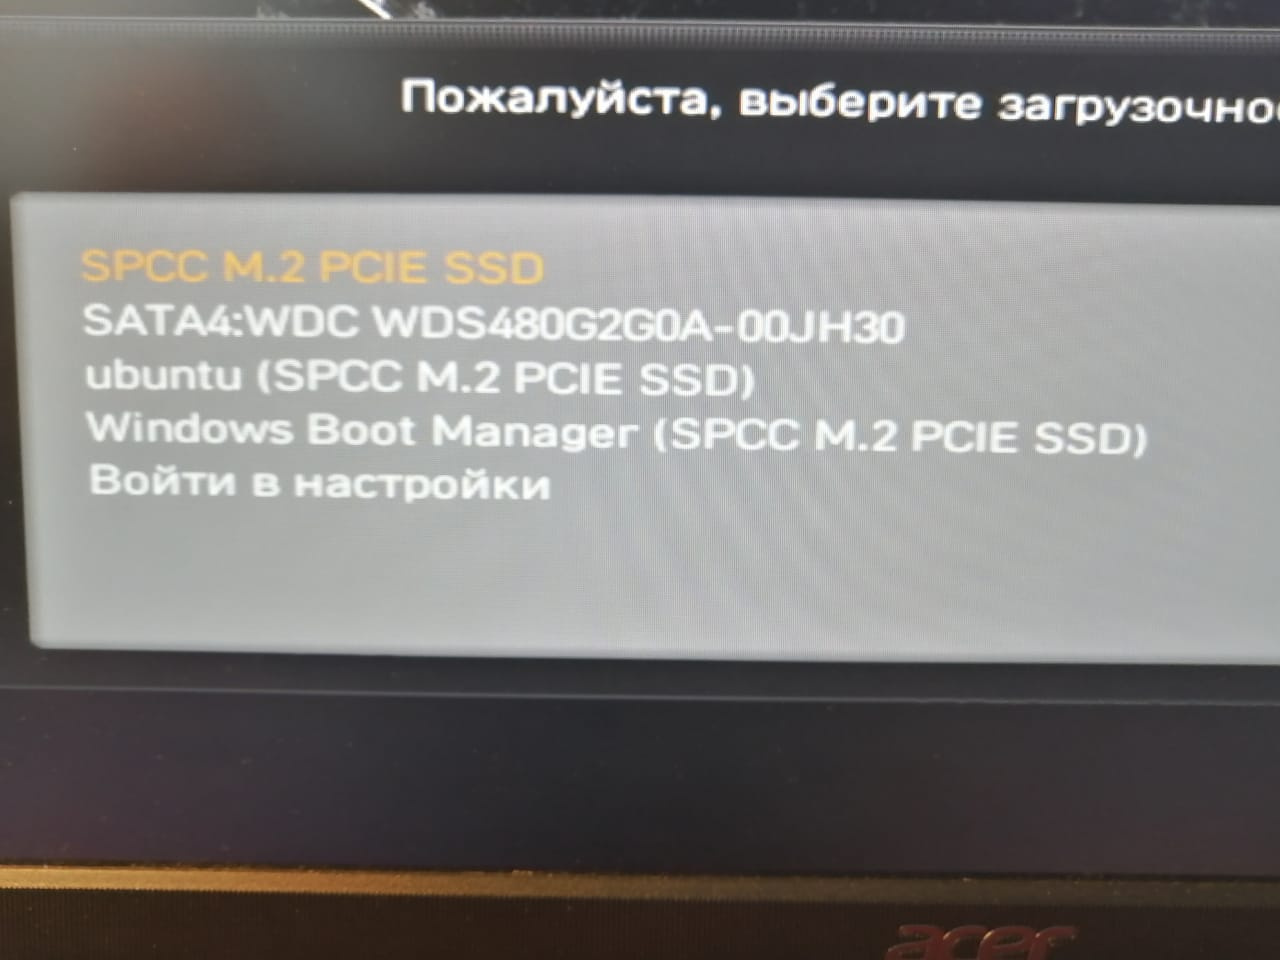 6058a3520b3a7371577954.jpeg